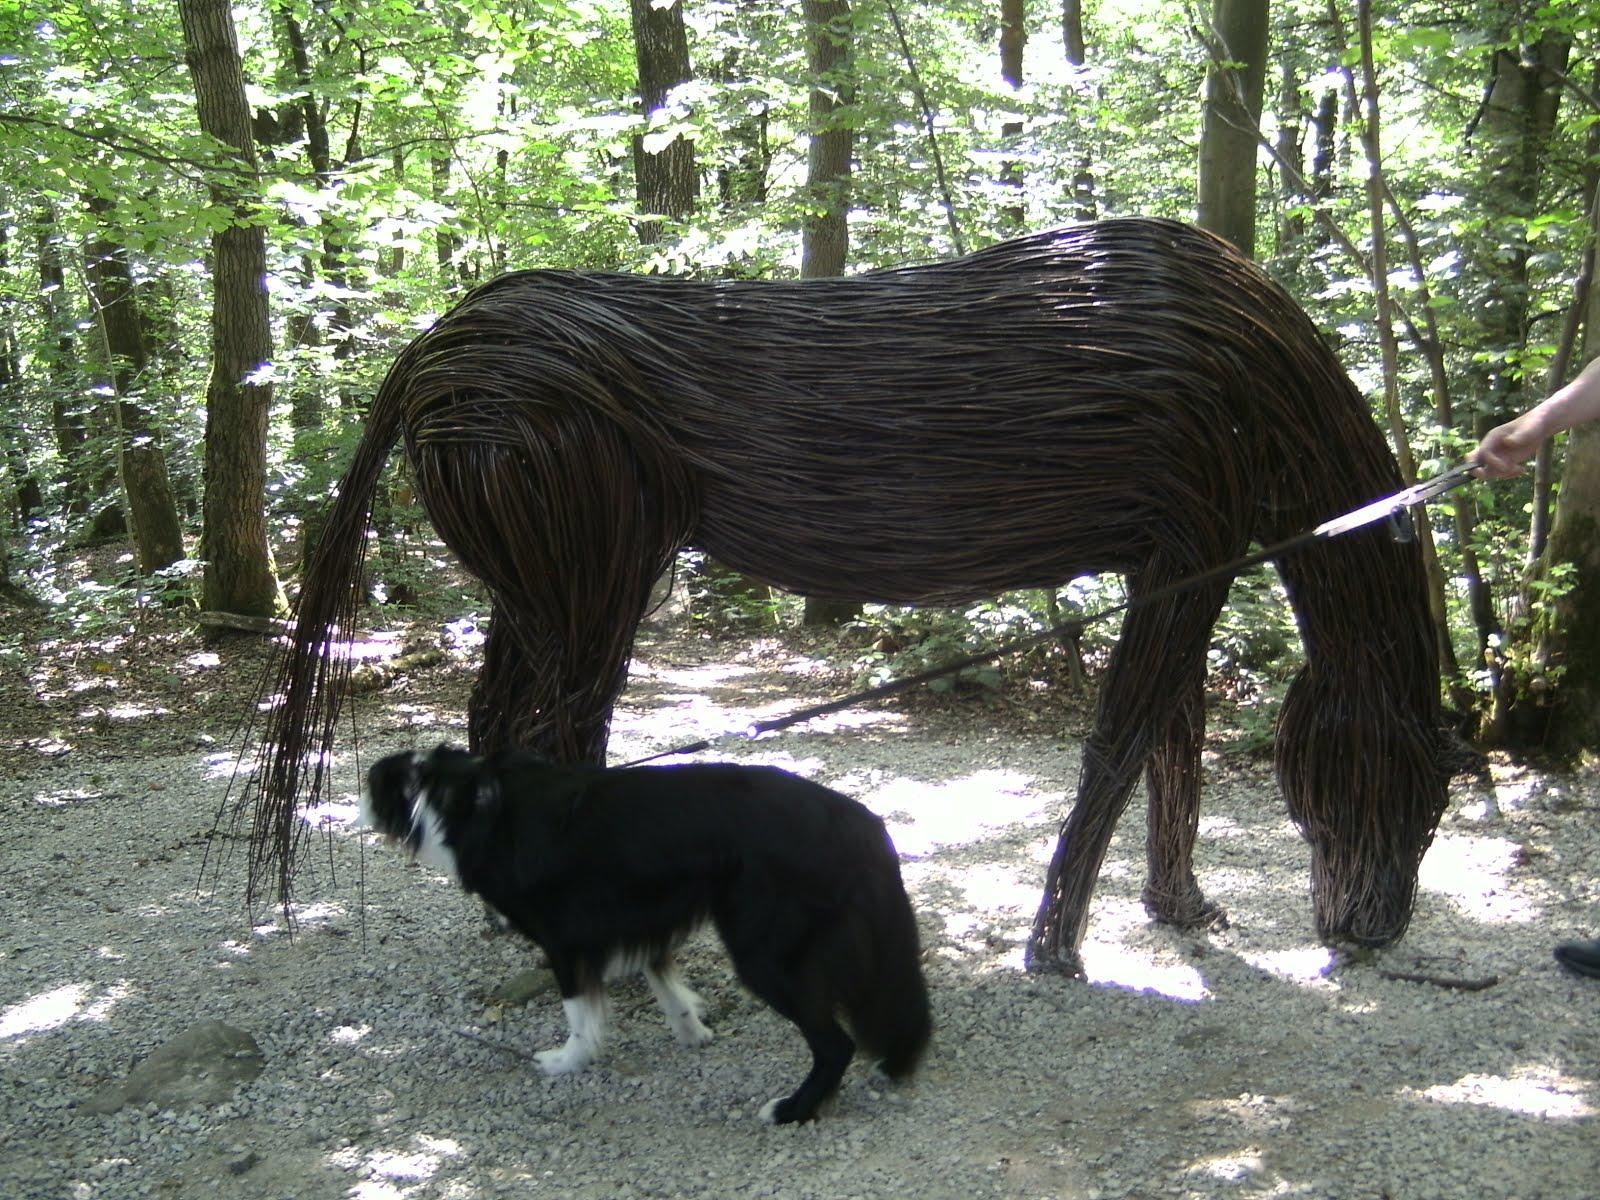 Burt finds a horse